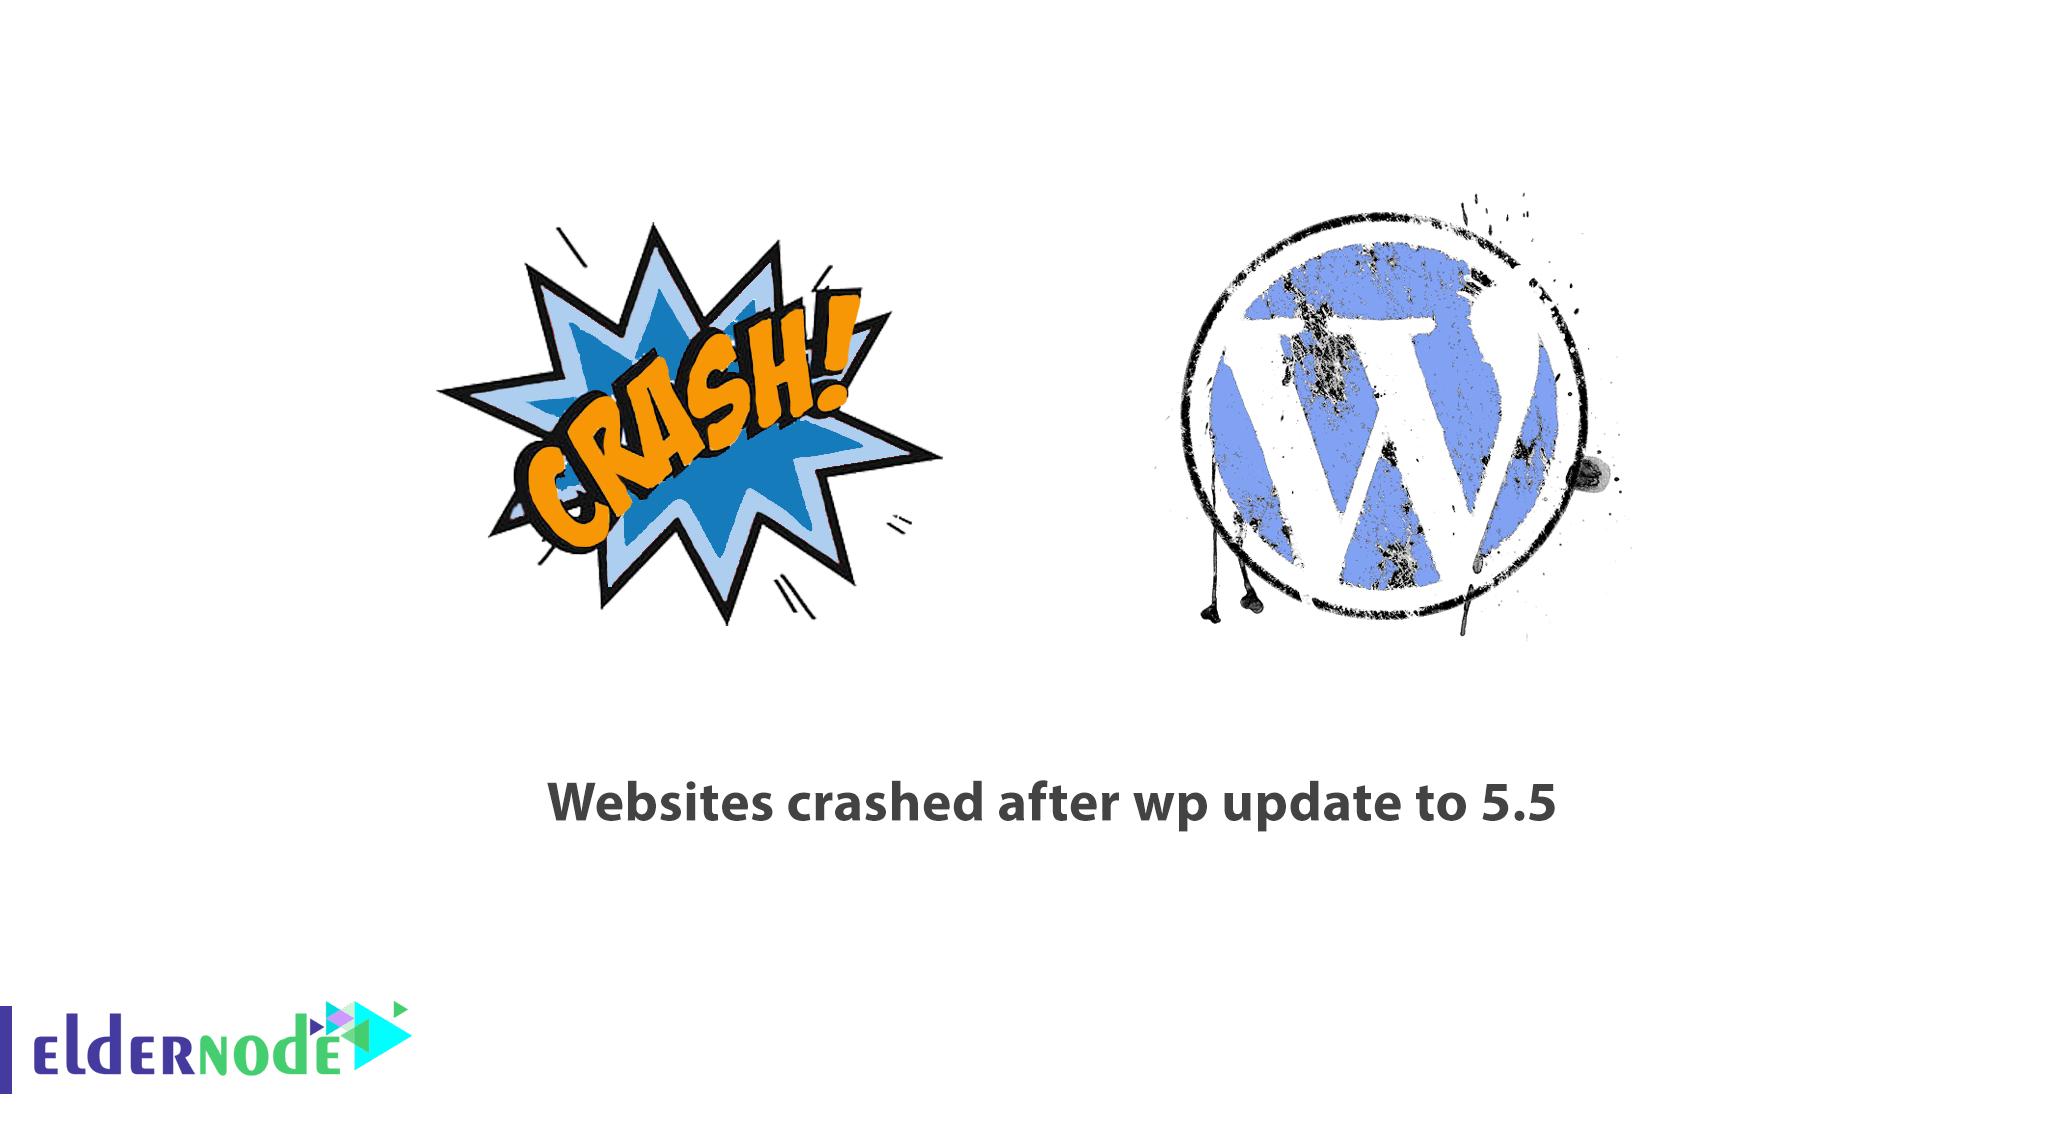 Websites crashed after wp update to 5.5